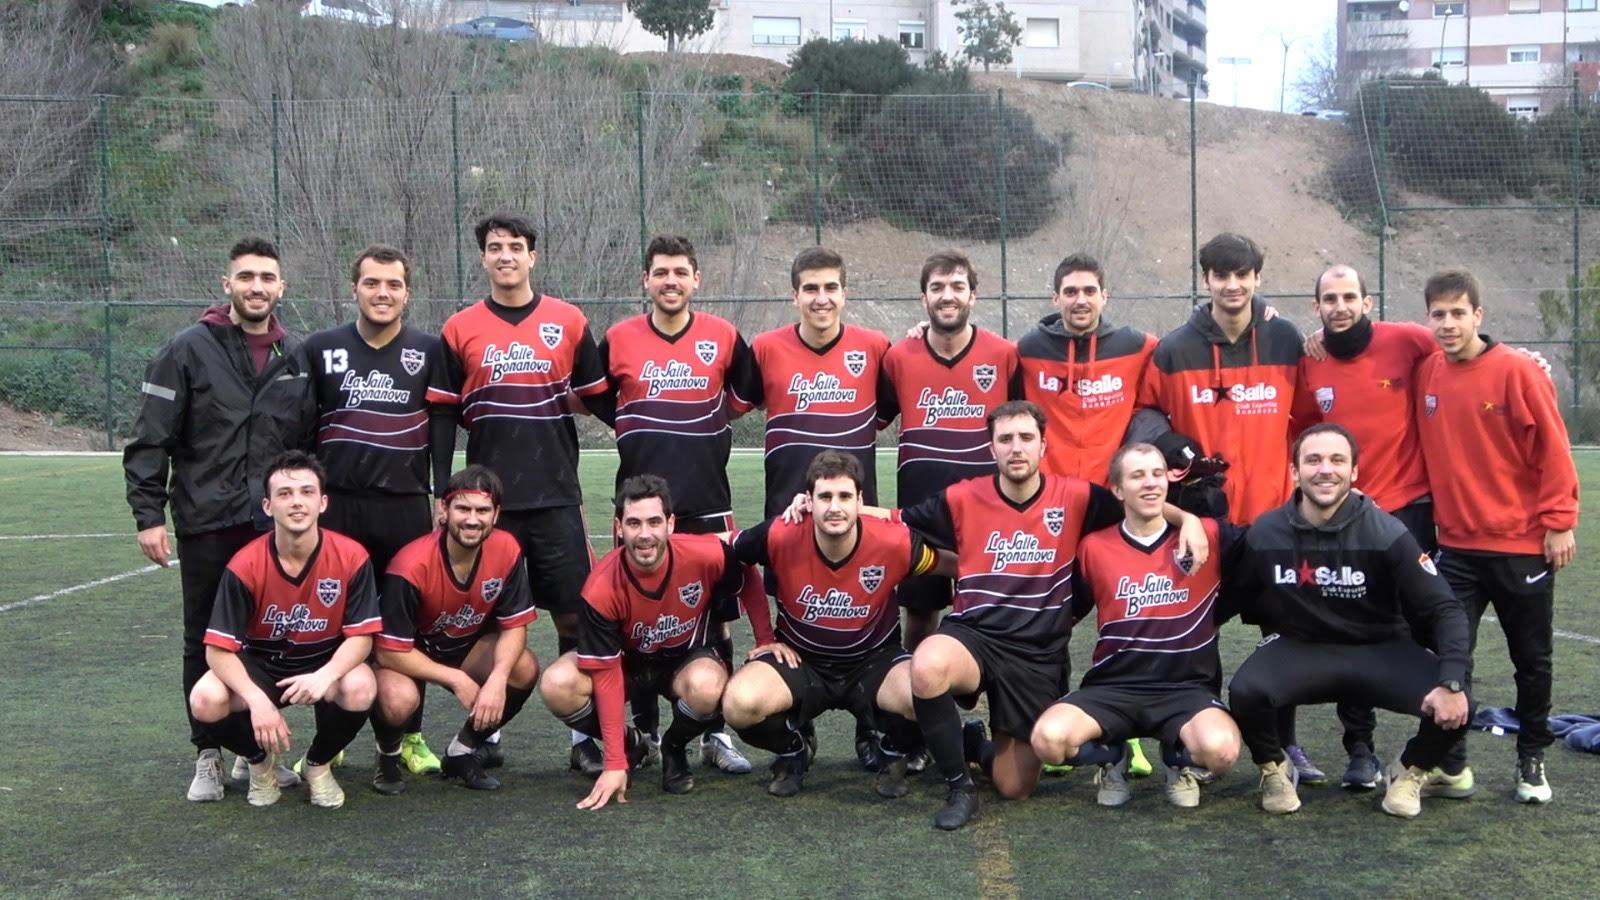 El 1r Equip De La Secció De Futbol S'enfronta A La Sisena Posició En Un Duel Directe